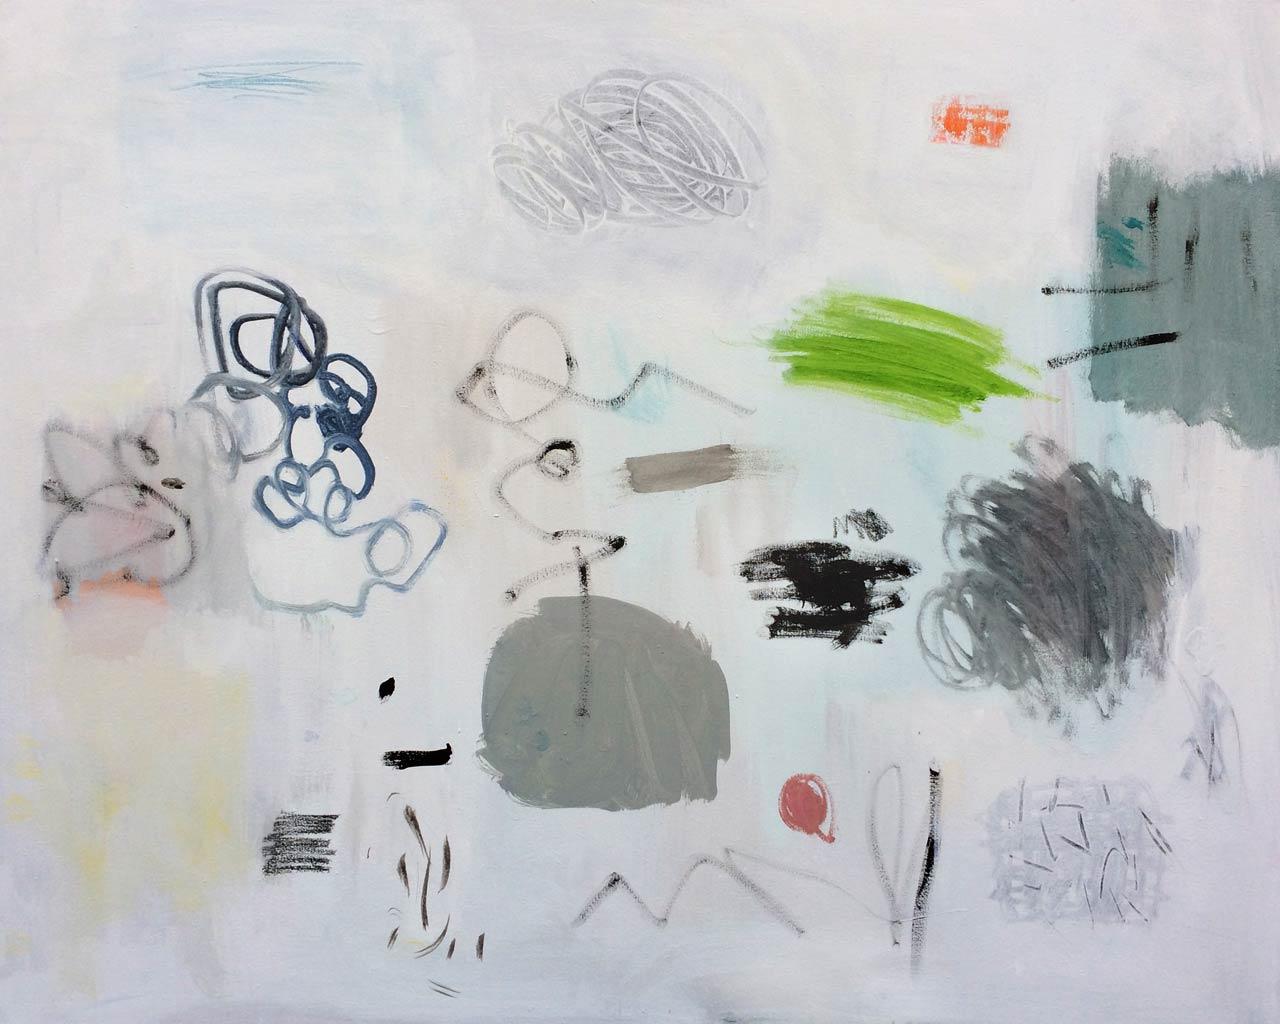 ALTERNANCE-1-60,96×76,2cm (24x30po) Acrylique et technique mixte sur toile